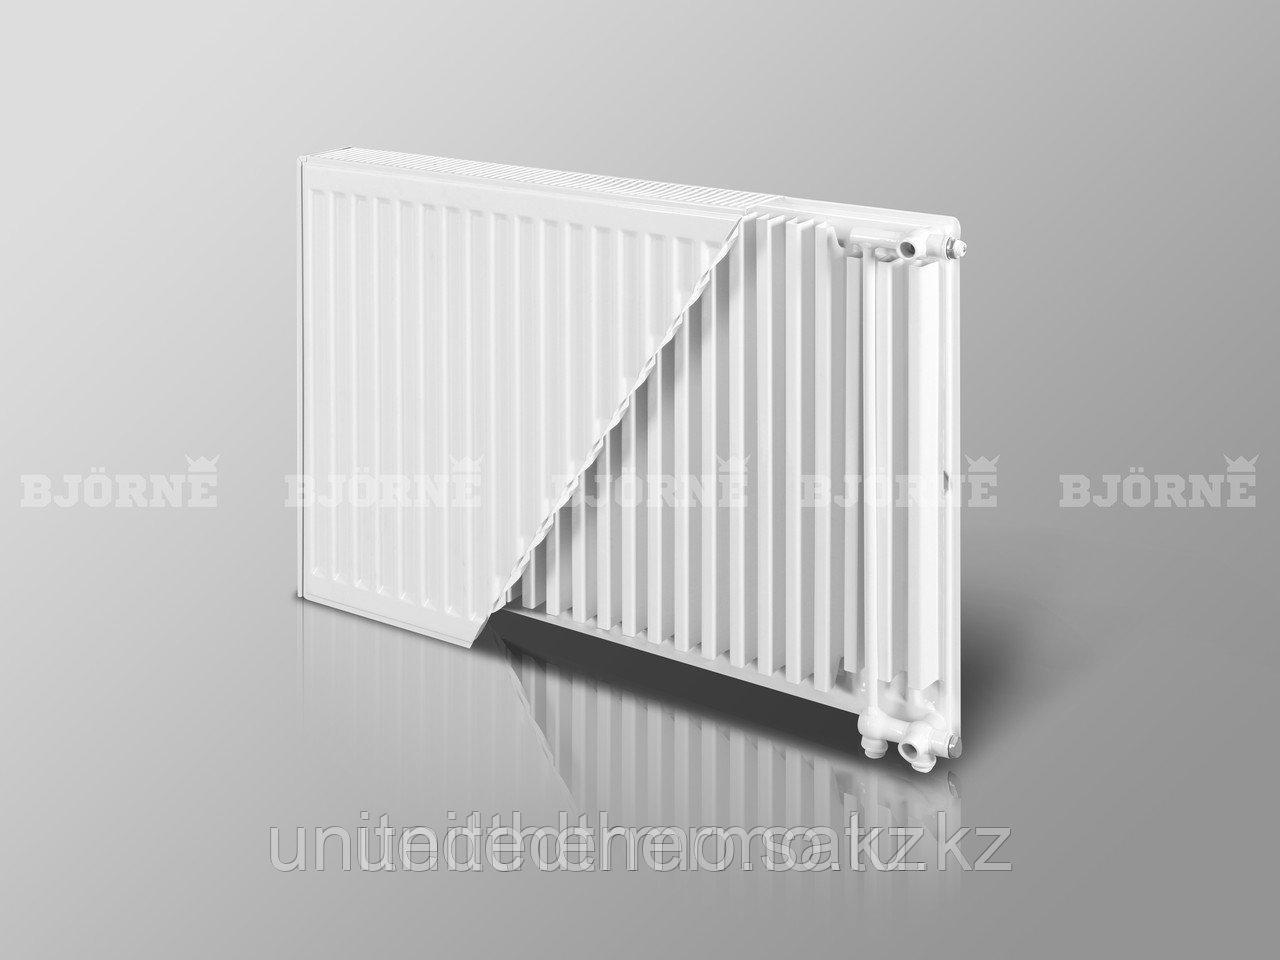 Стальной панельный радиатор Bjorne тип 22VK  H400мм*L400мм до L3000мм нижнее подключение